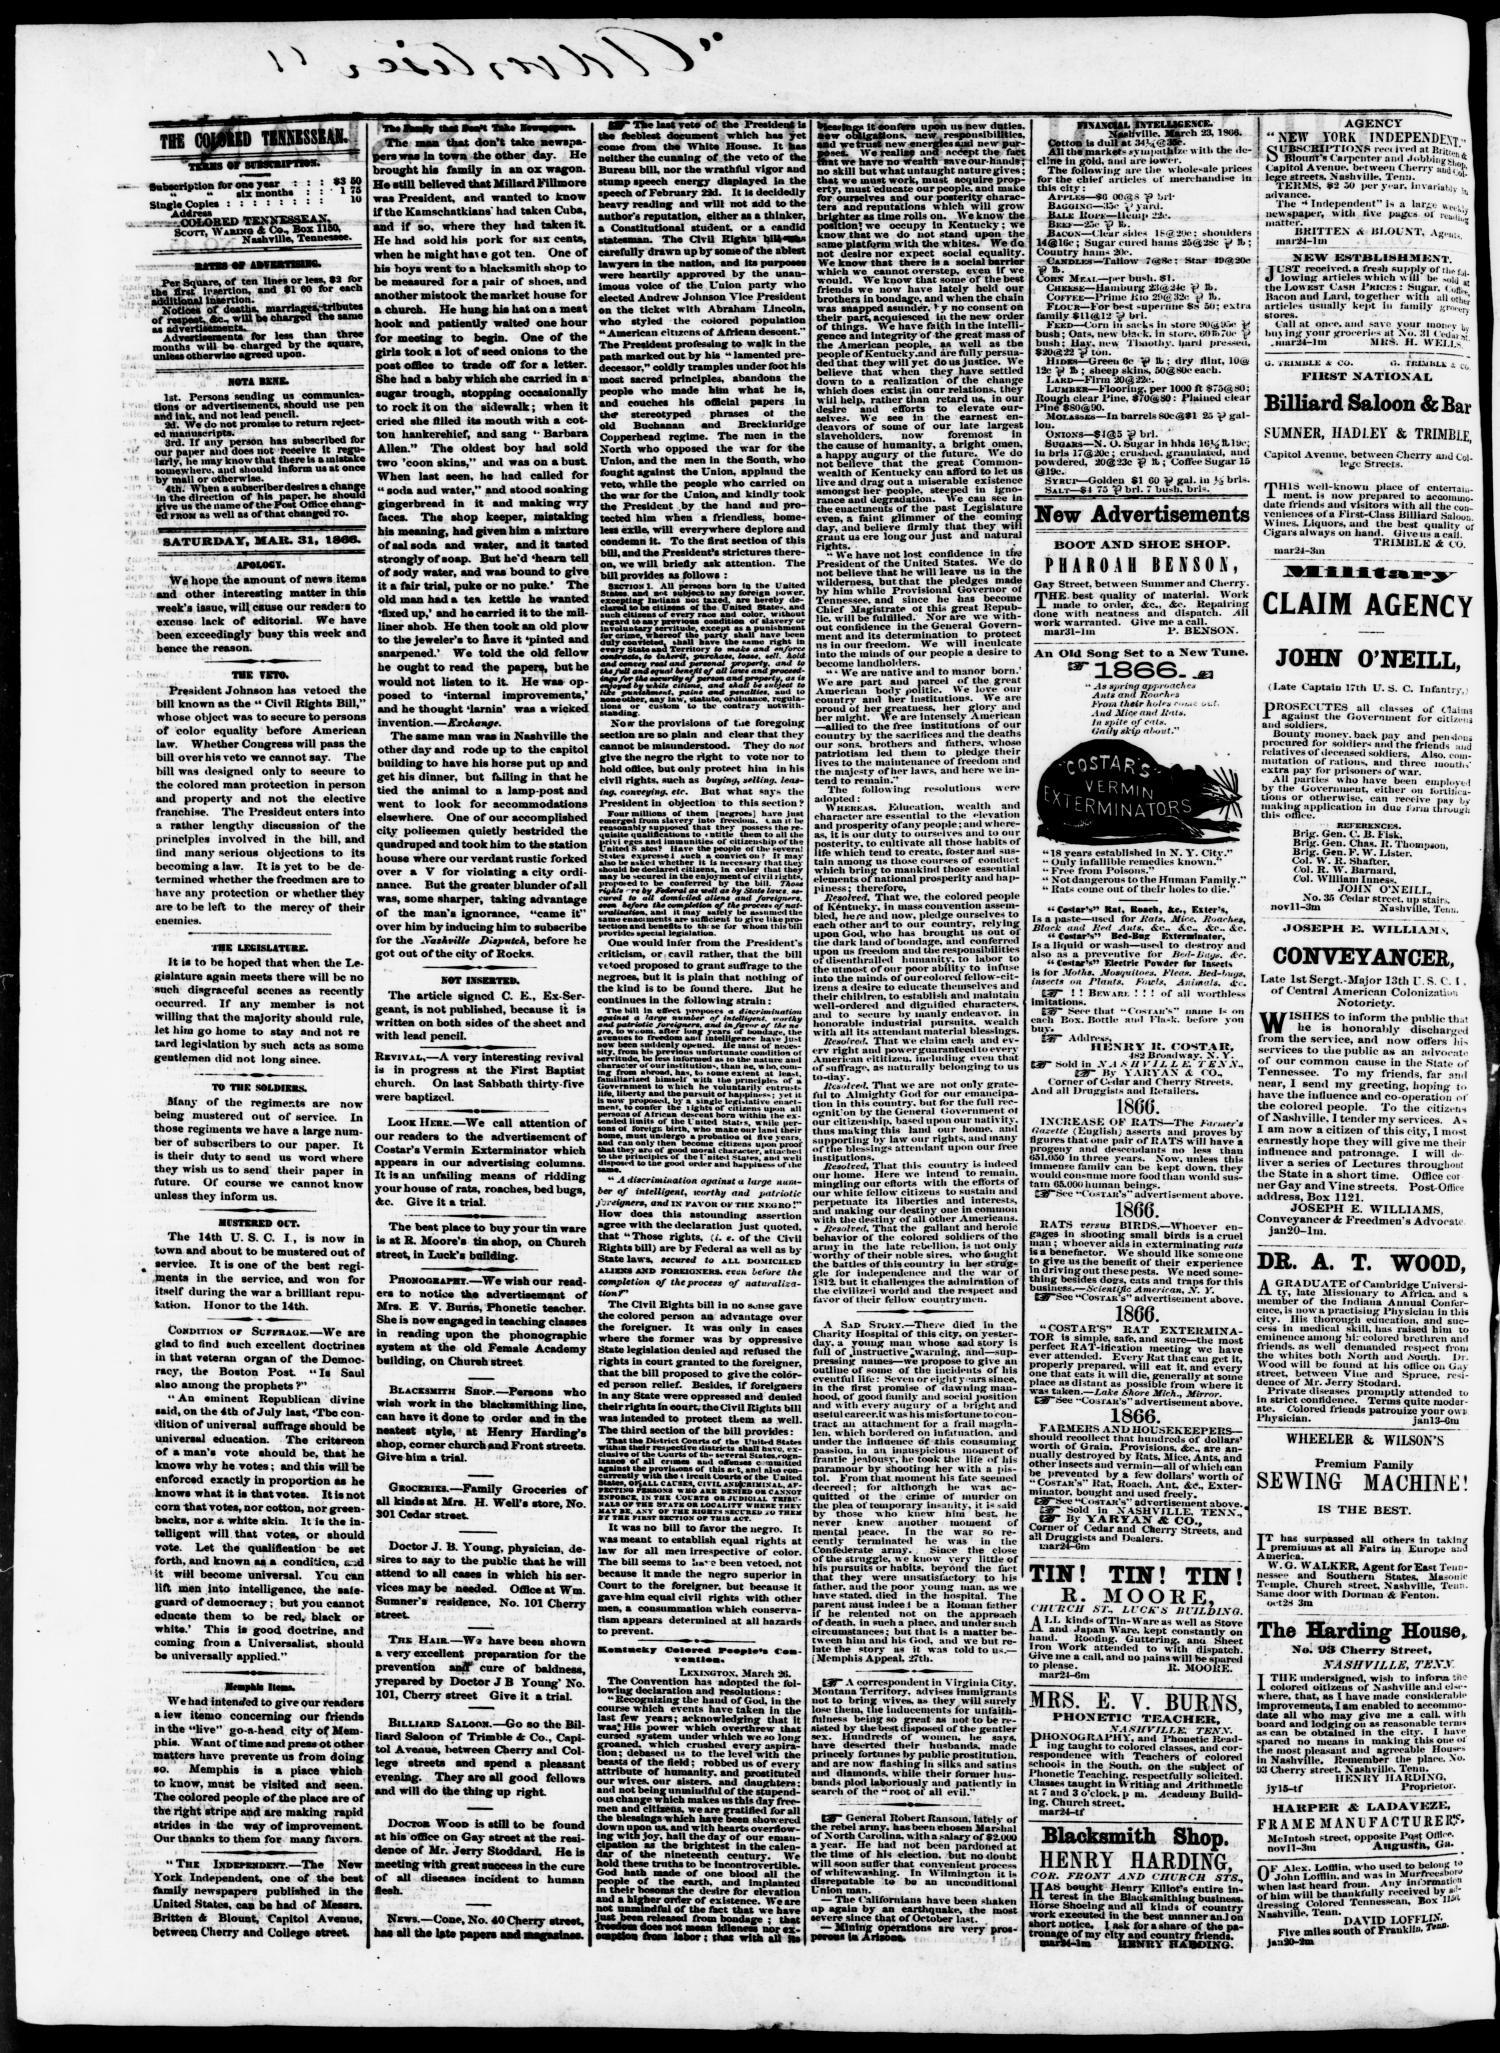 The Colored Tennessean  (Nashville, Tenn ), Vol  1, No  45